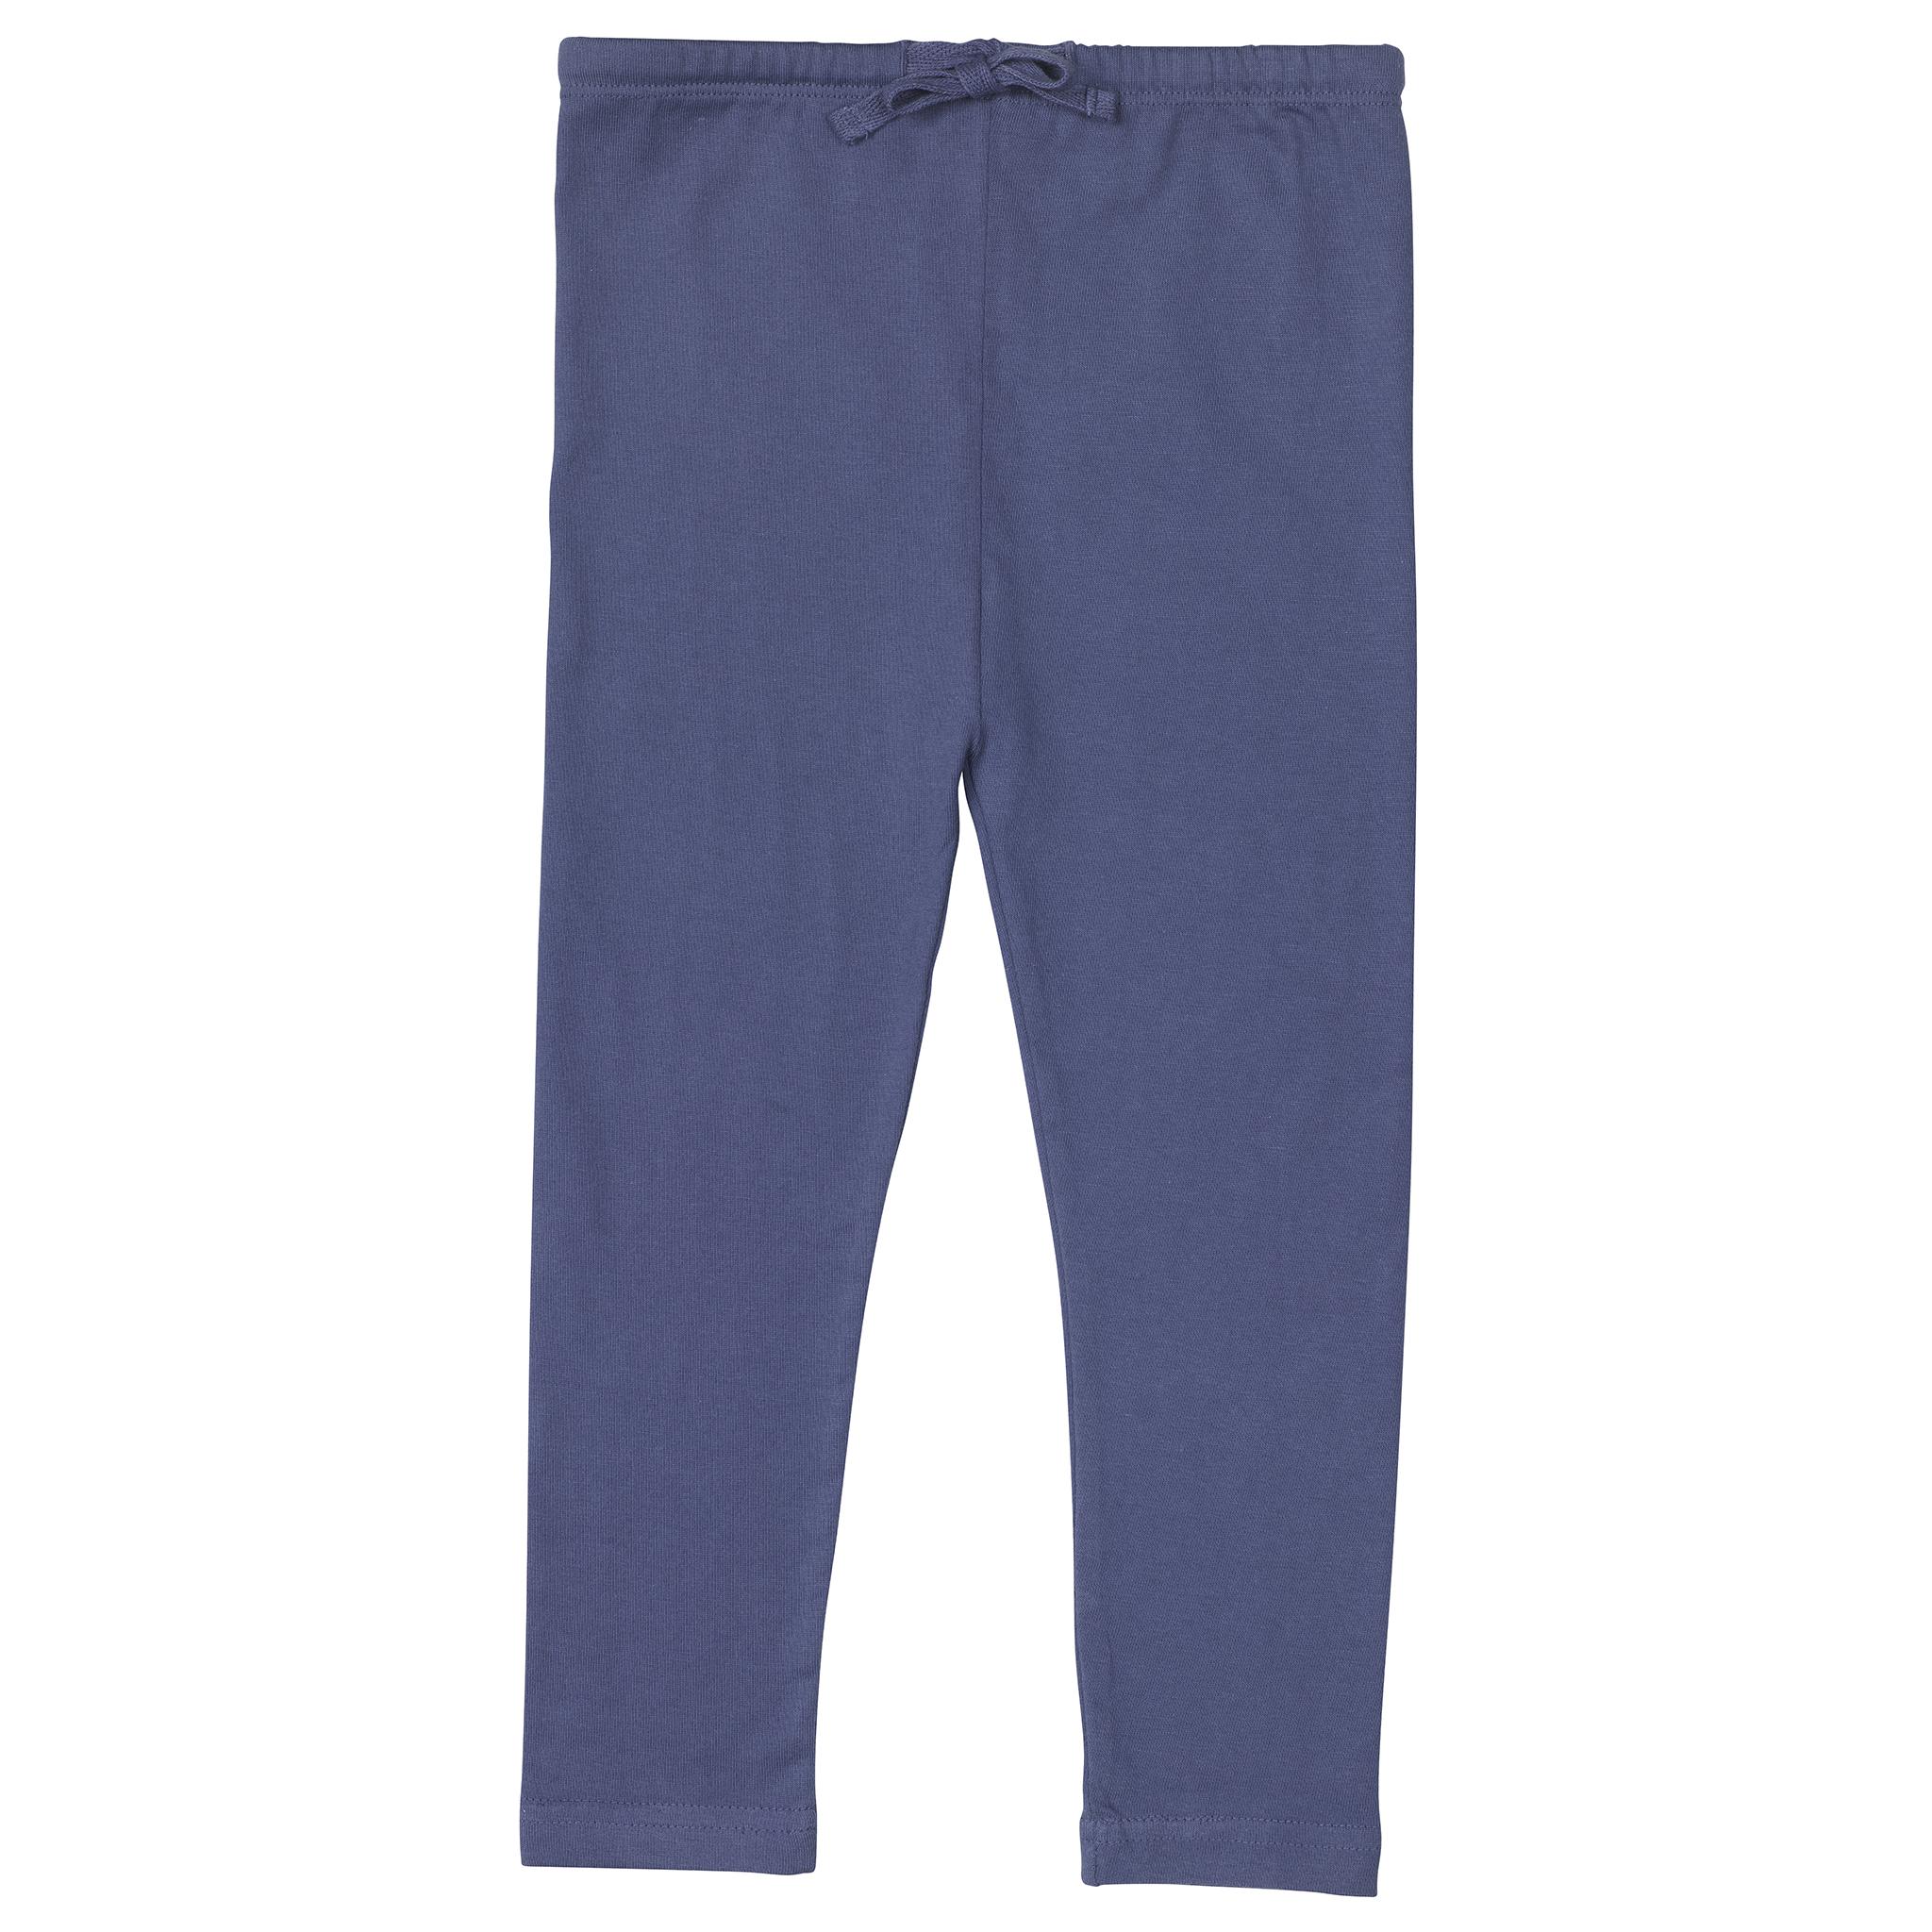 Ari Leggings - thunder blue